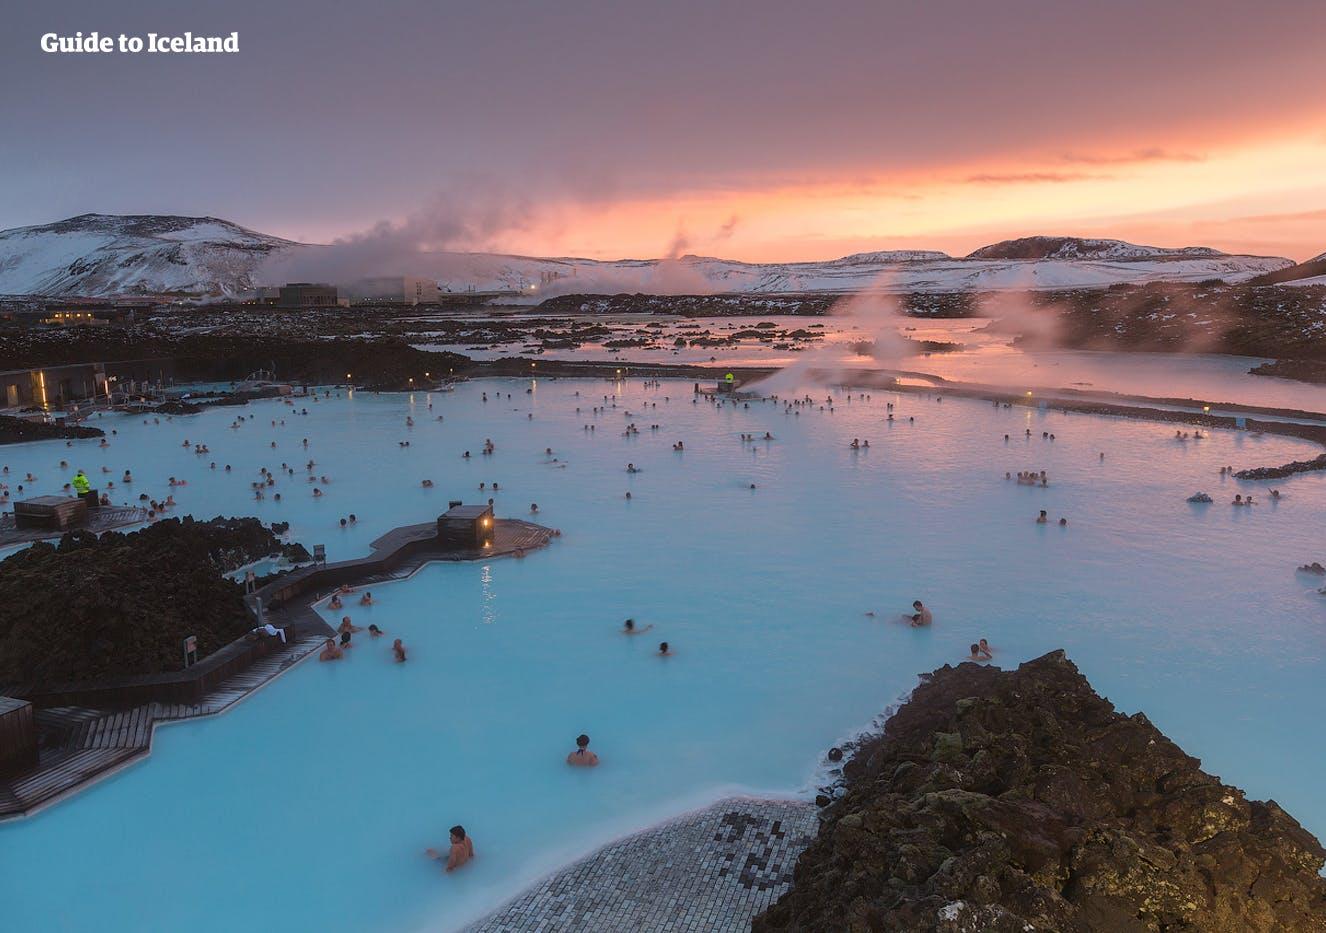 Le Blue Lagoon est l'un des lieux touristiques les plus célèbres d'Islande.